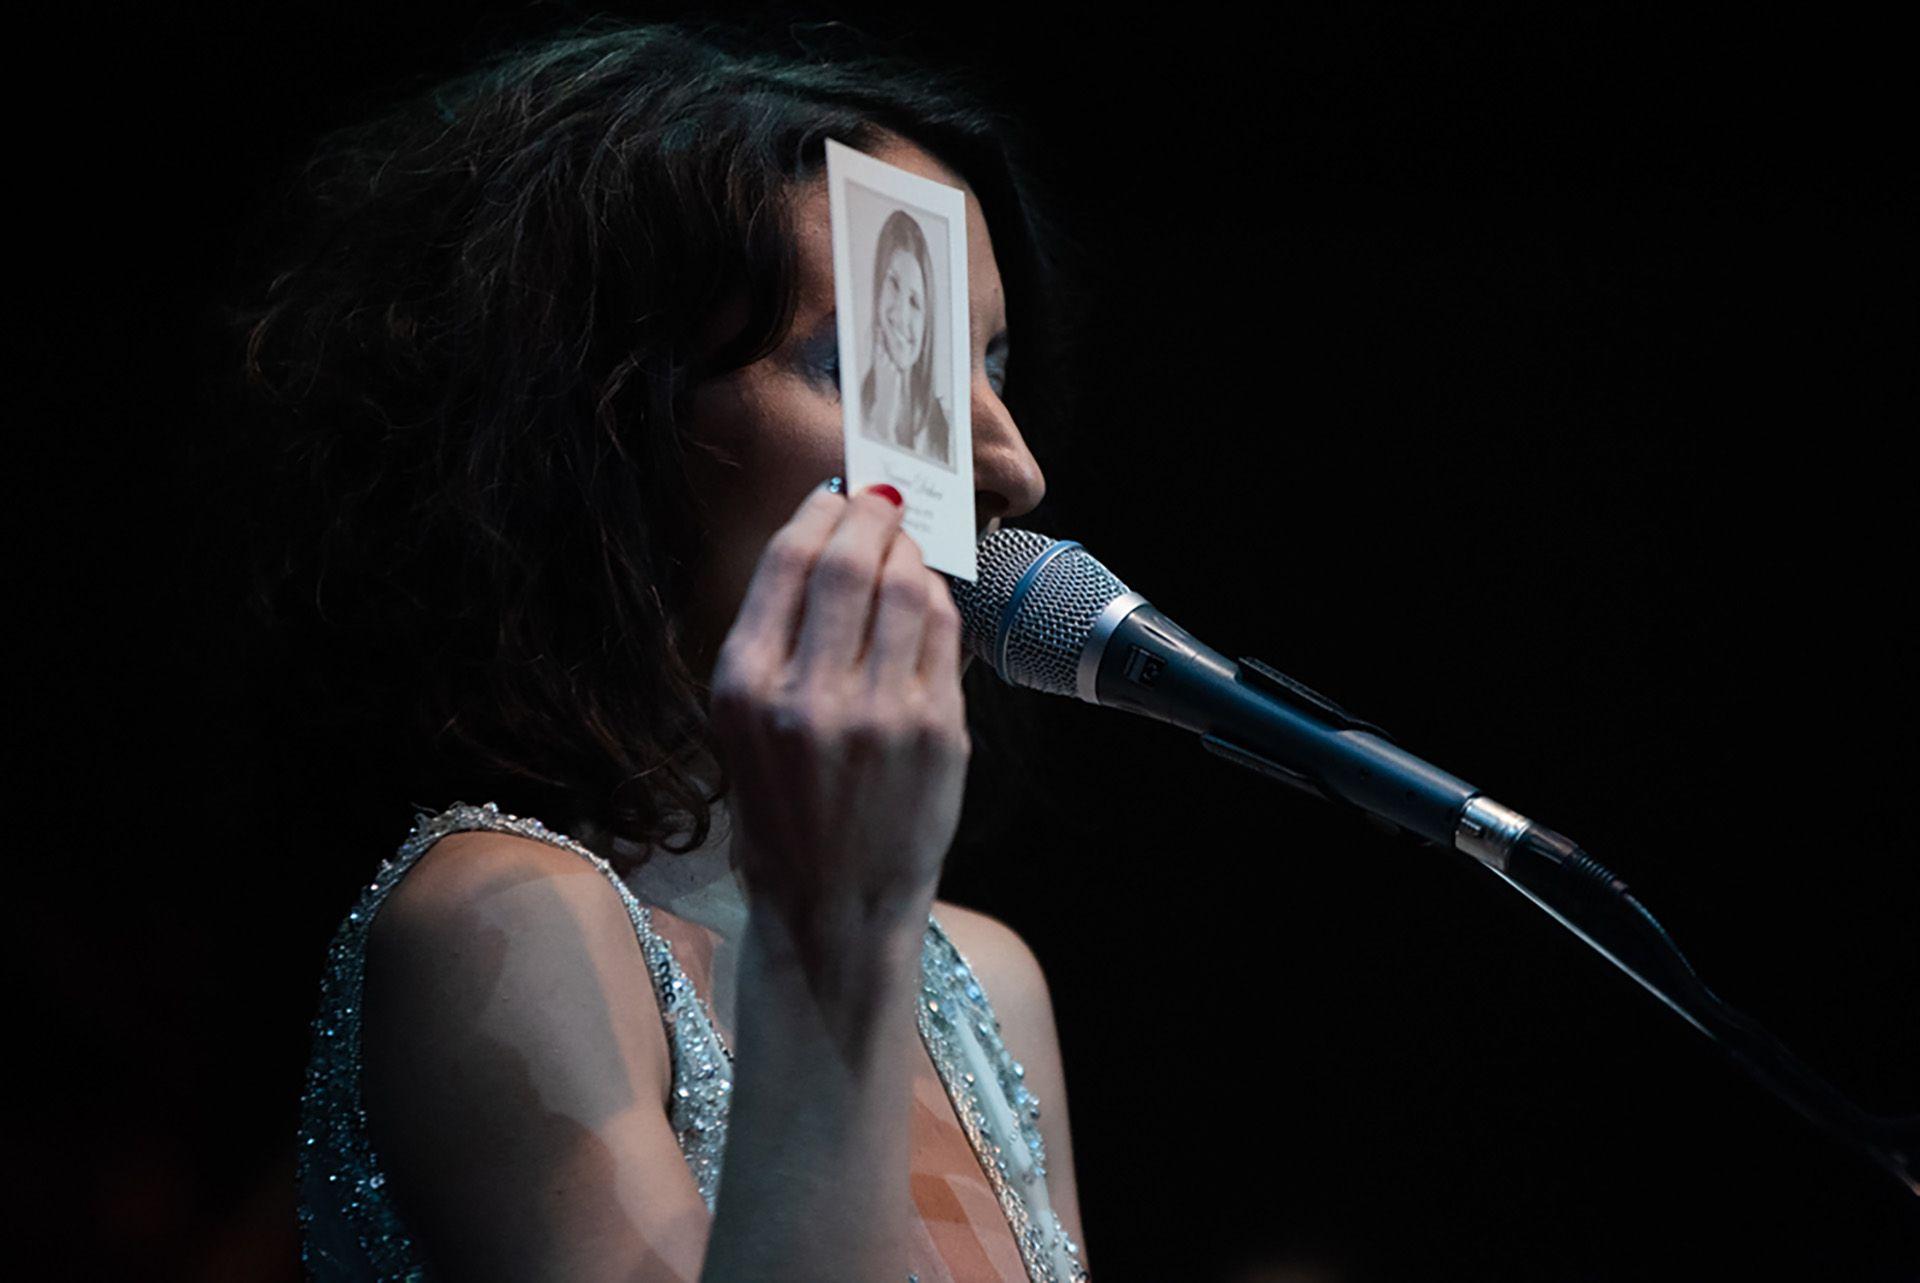 Sumaia presentó su obra en melodías llenas de sentimientos y homenajes que conmovieron a los presentes